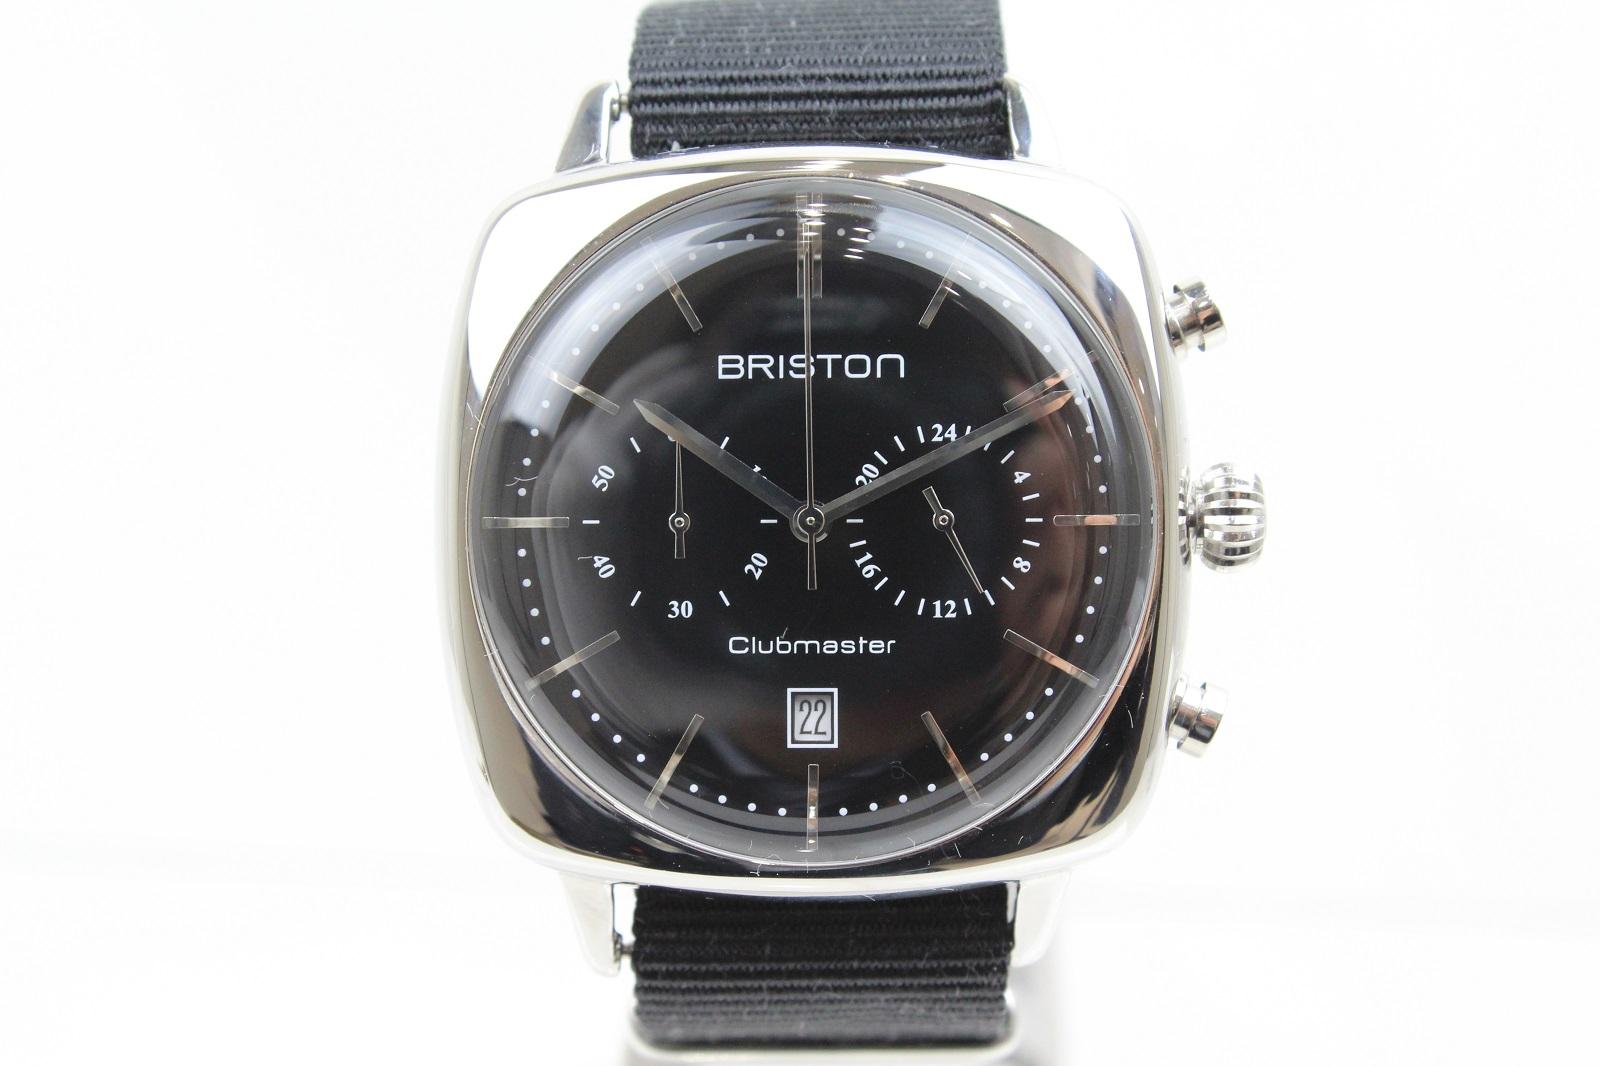 BRISTON ブリストン Clubmaster Vintage SS Chronograph (クラブマスター ヴィンテージSS クロノグラフ) ブラック 17140.PS.V.1.NB メンズ レディース ユニセックス 腕時計 【中古】